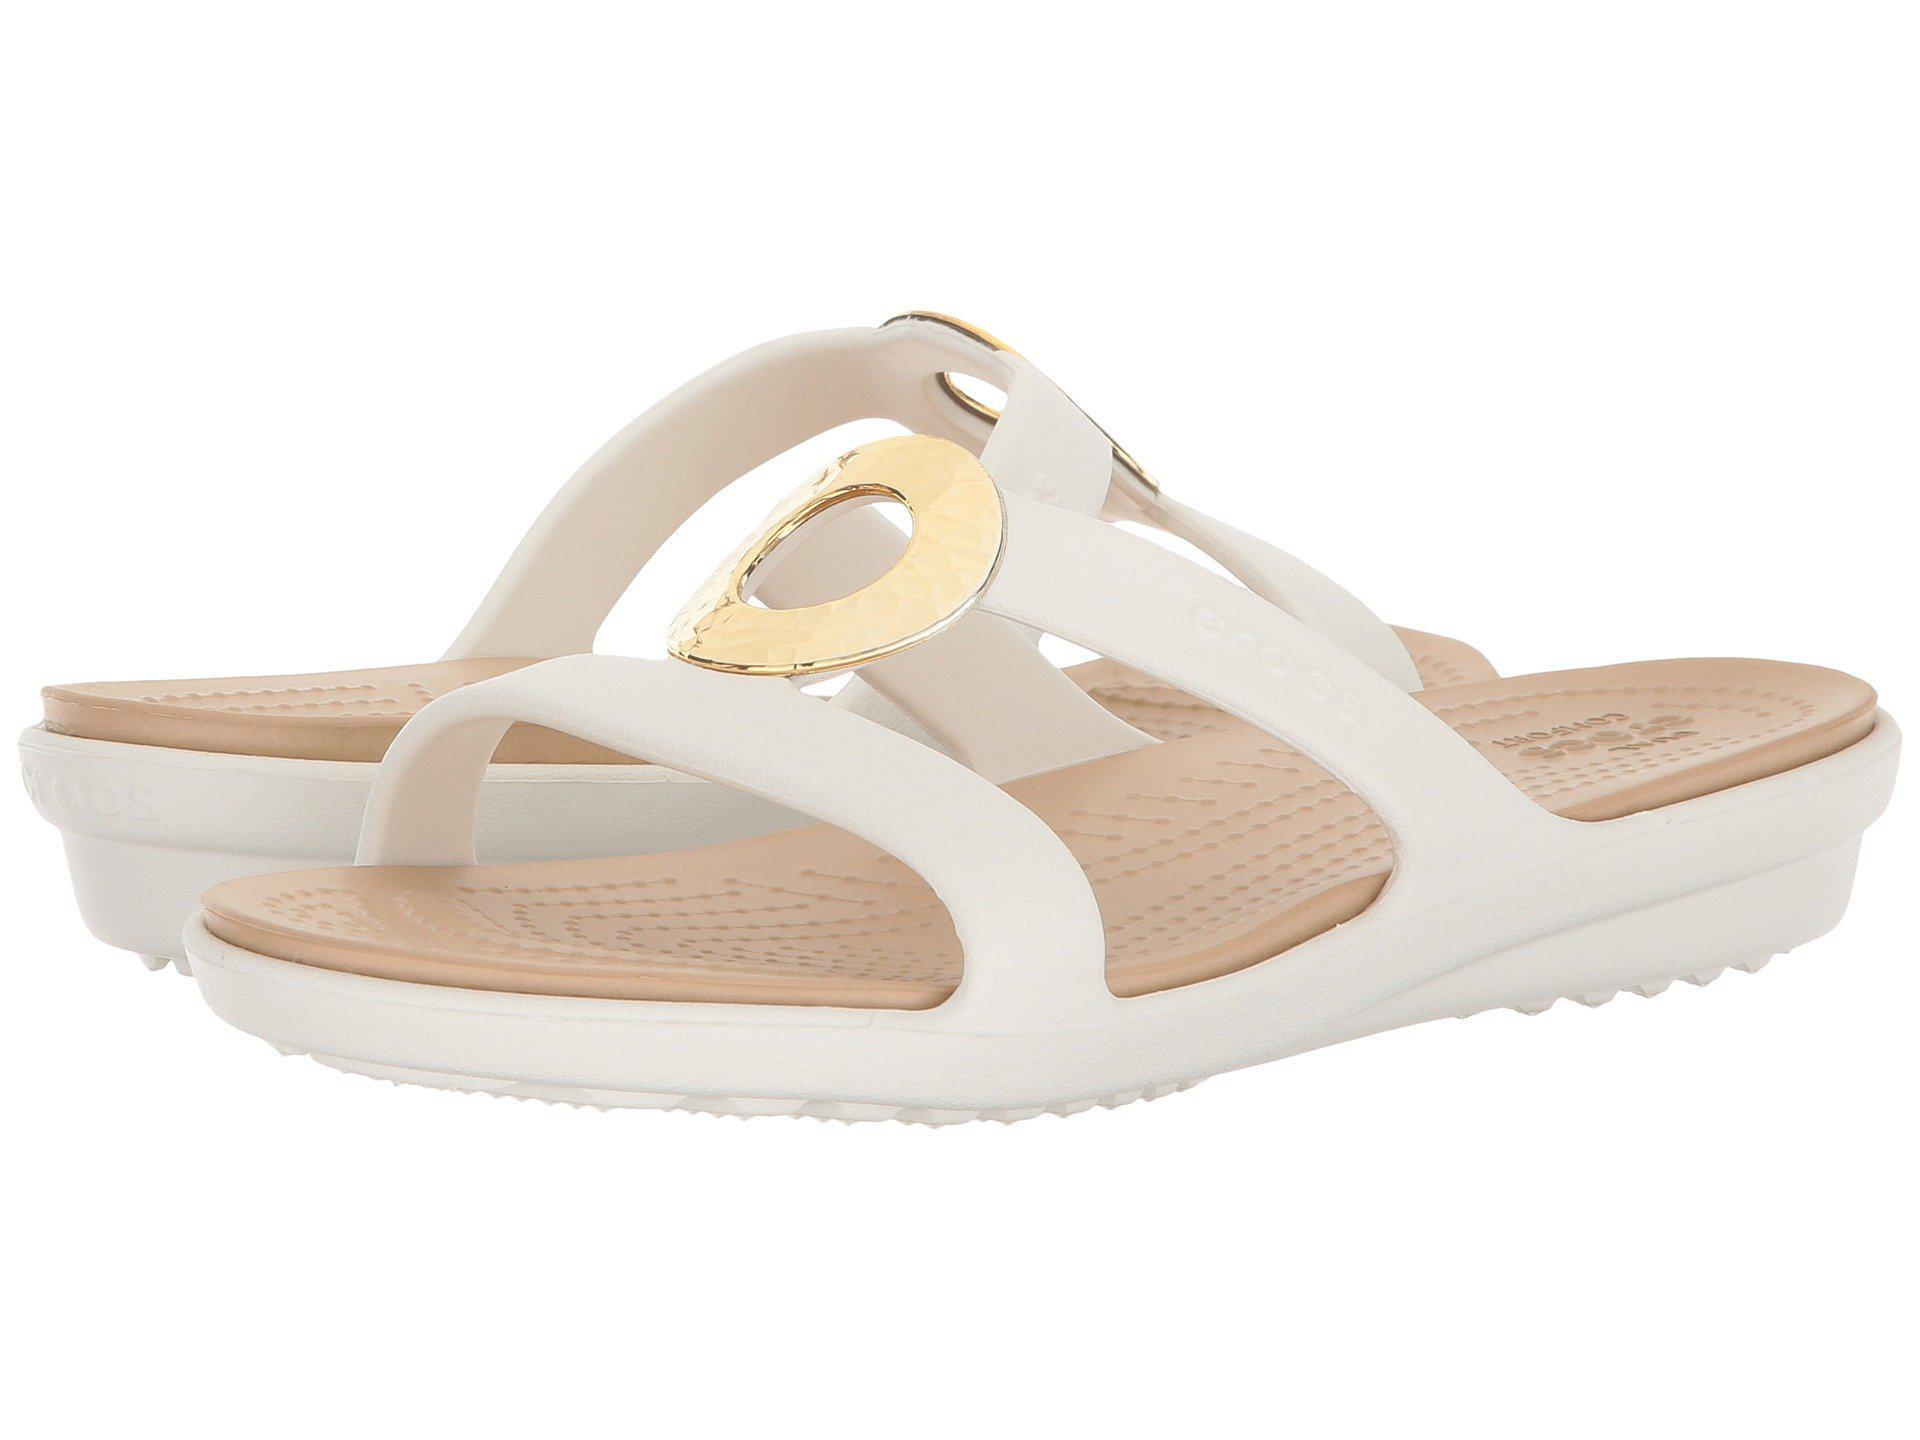 1ba867191934 Lyst - Crocs™ Sanrah Hammered Metallic Sandal in Metallic - Save 33%